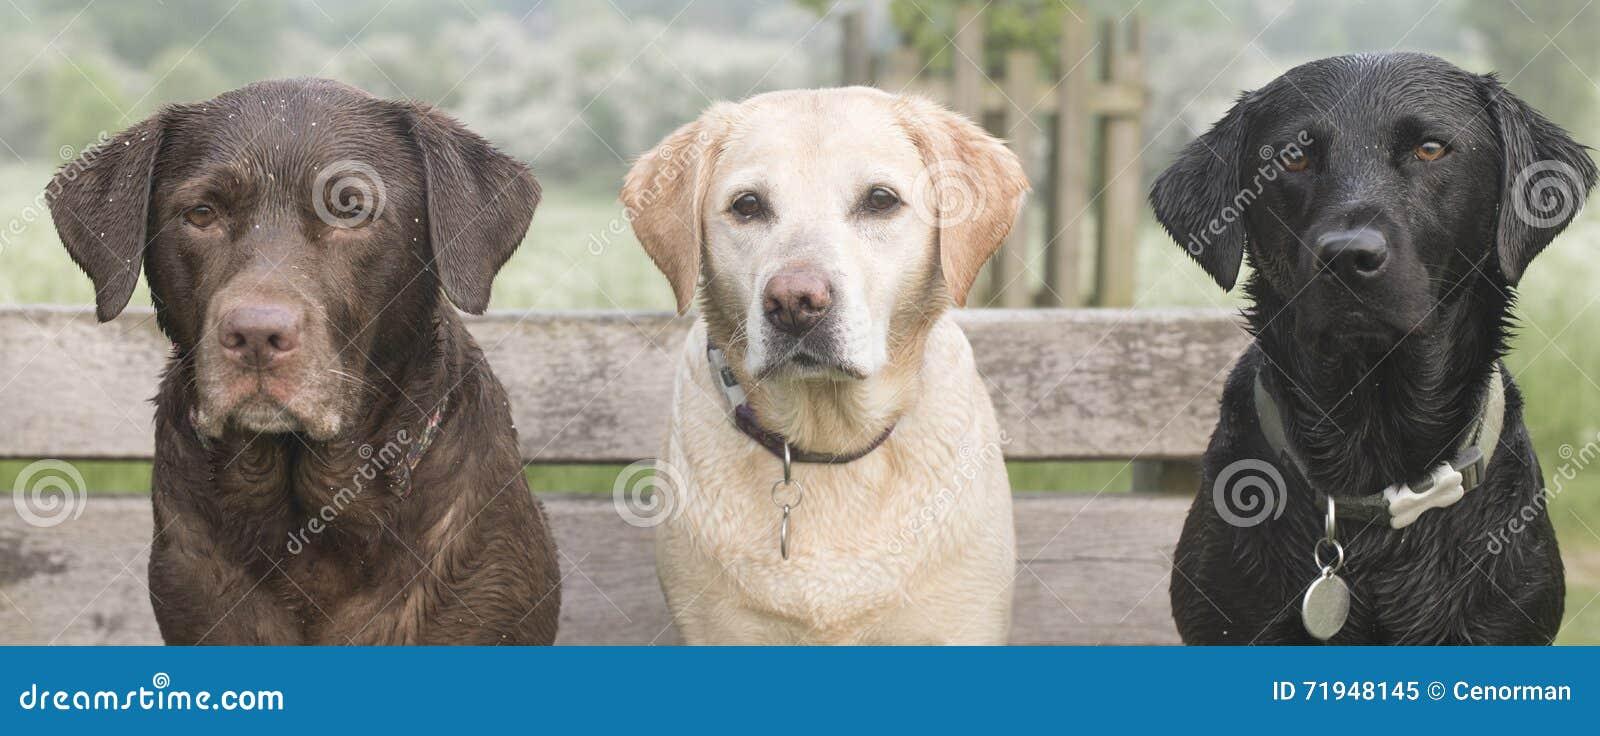 3 labradors